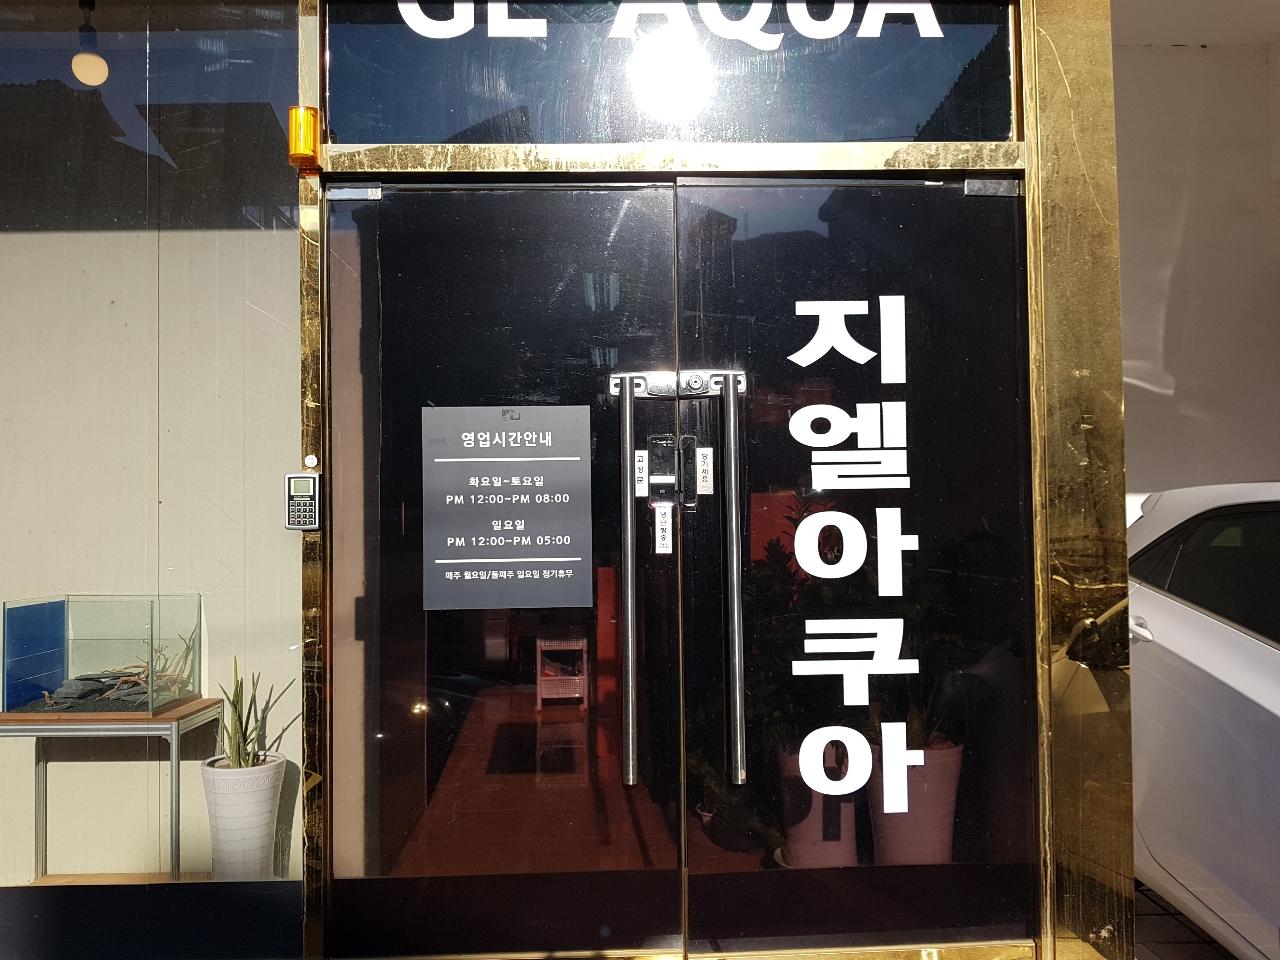 율하동 수족관 지엘아쿠아